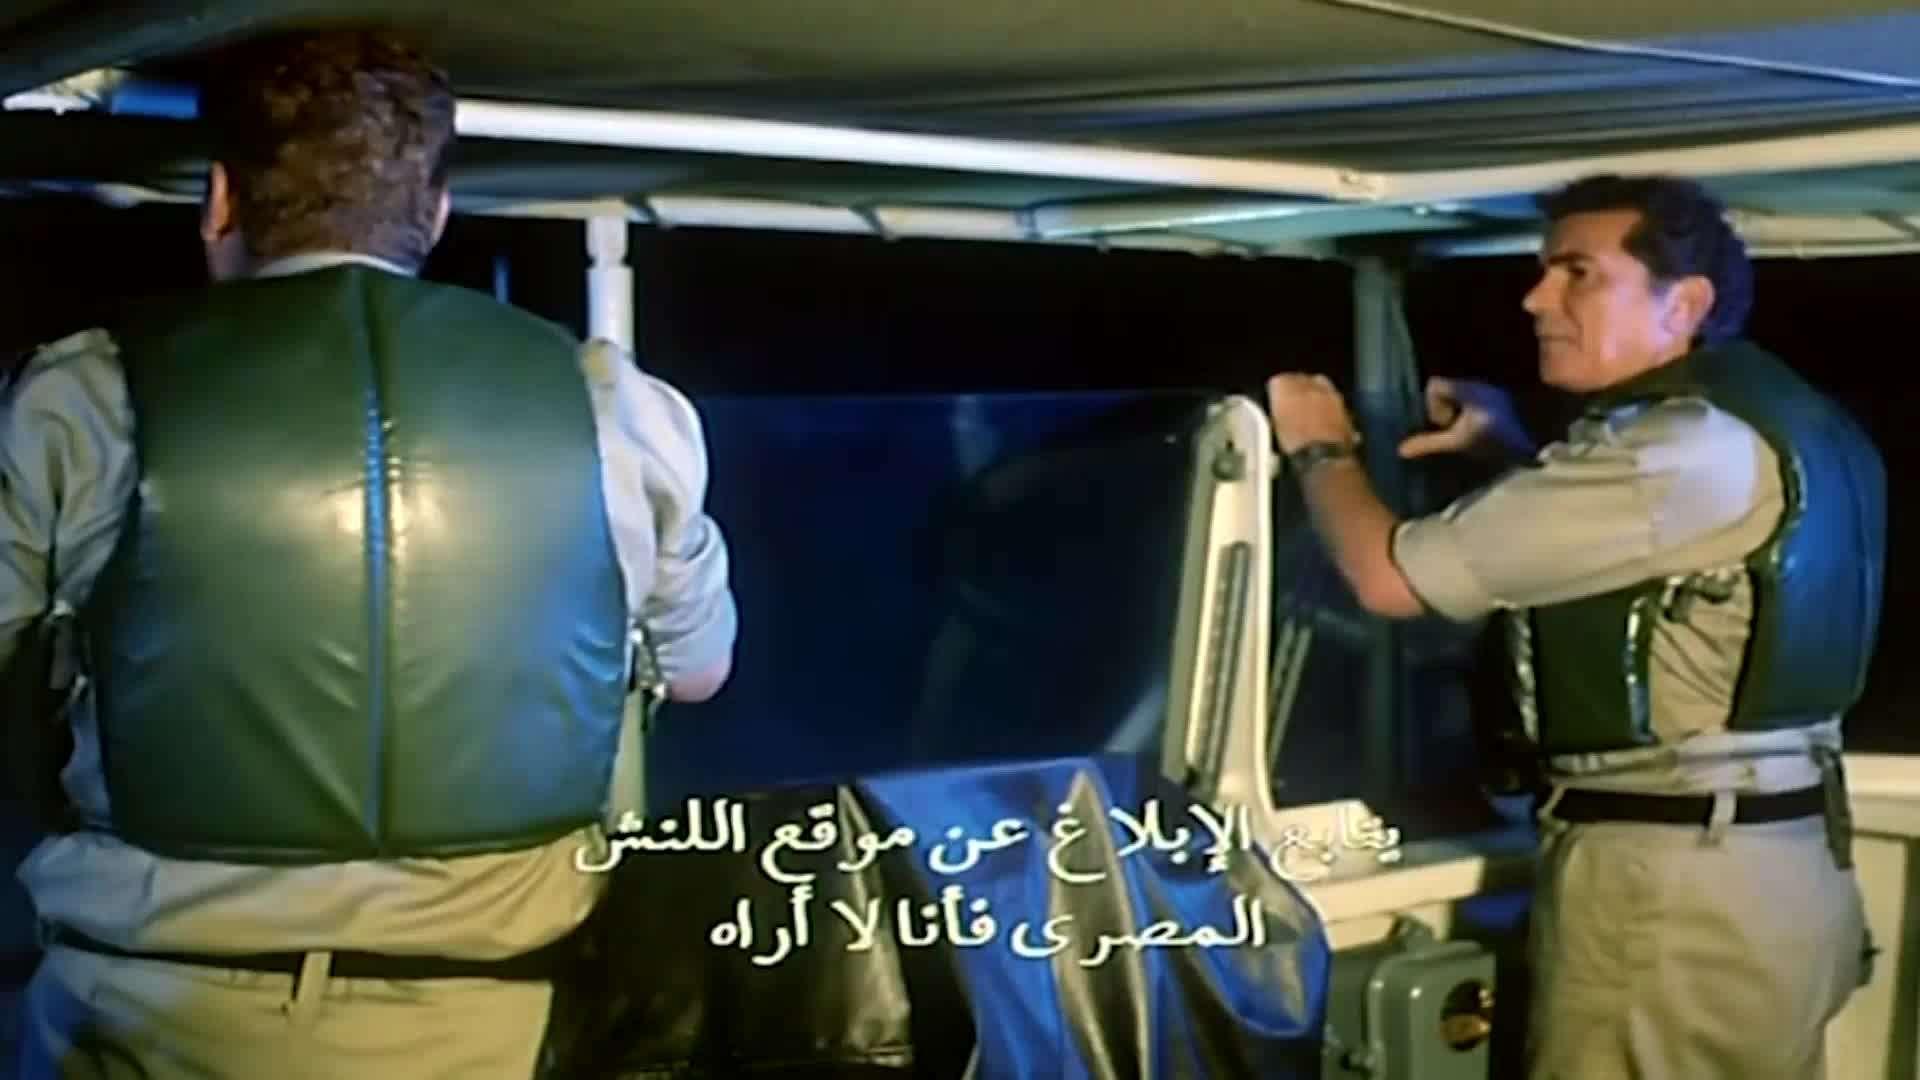 [فيلم][تورنت][تحميل][يوم الكرامة][2004][1080p][Web-DL] 10 arabp2p.com